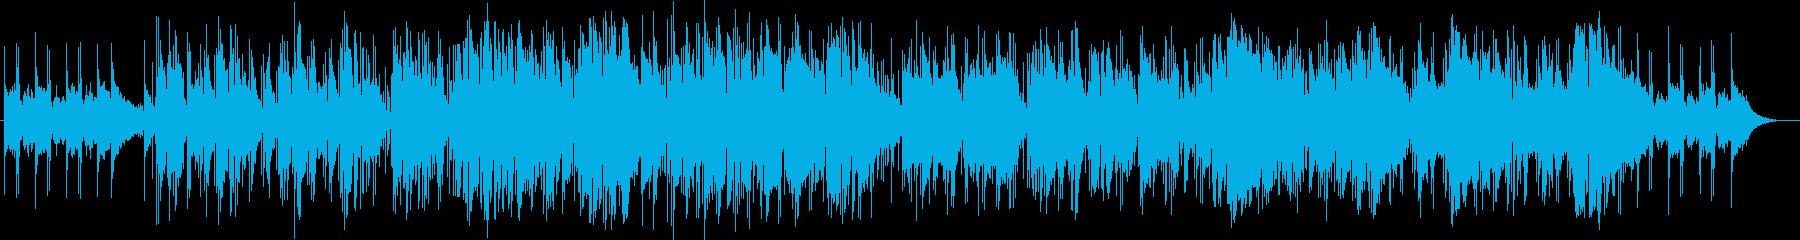 ハーモニカの音色が大人っぽいインスト曲の再生済みの波形